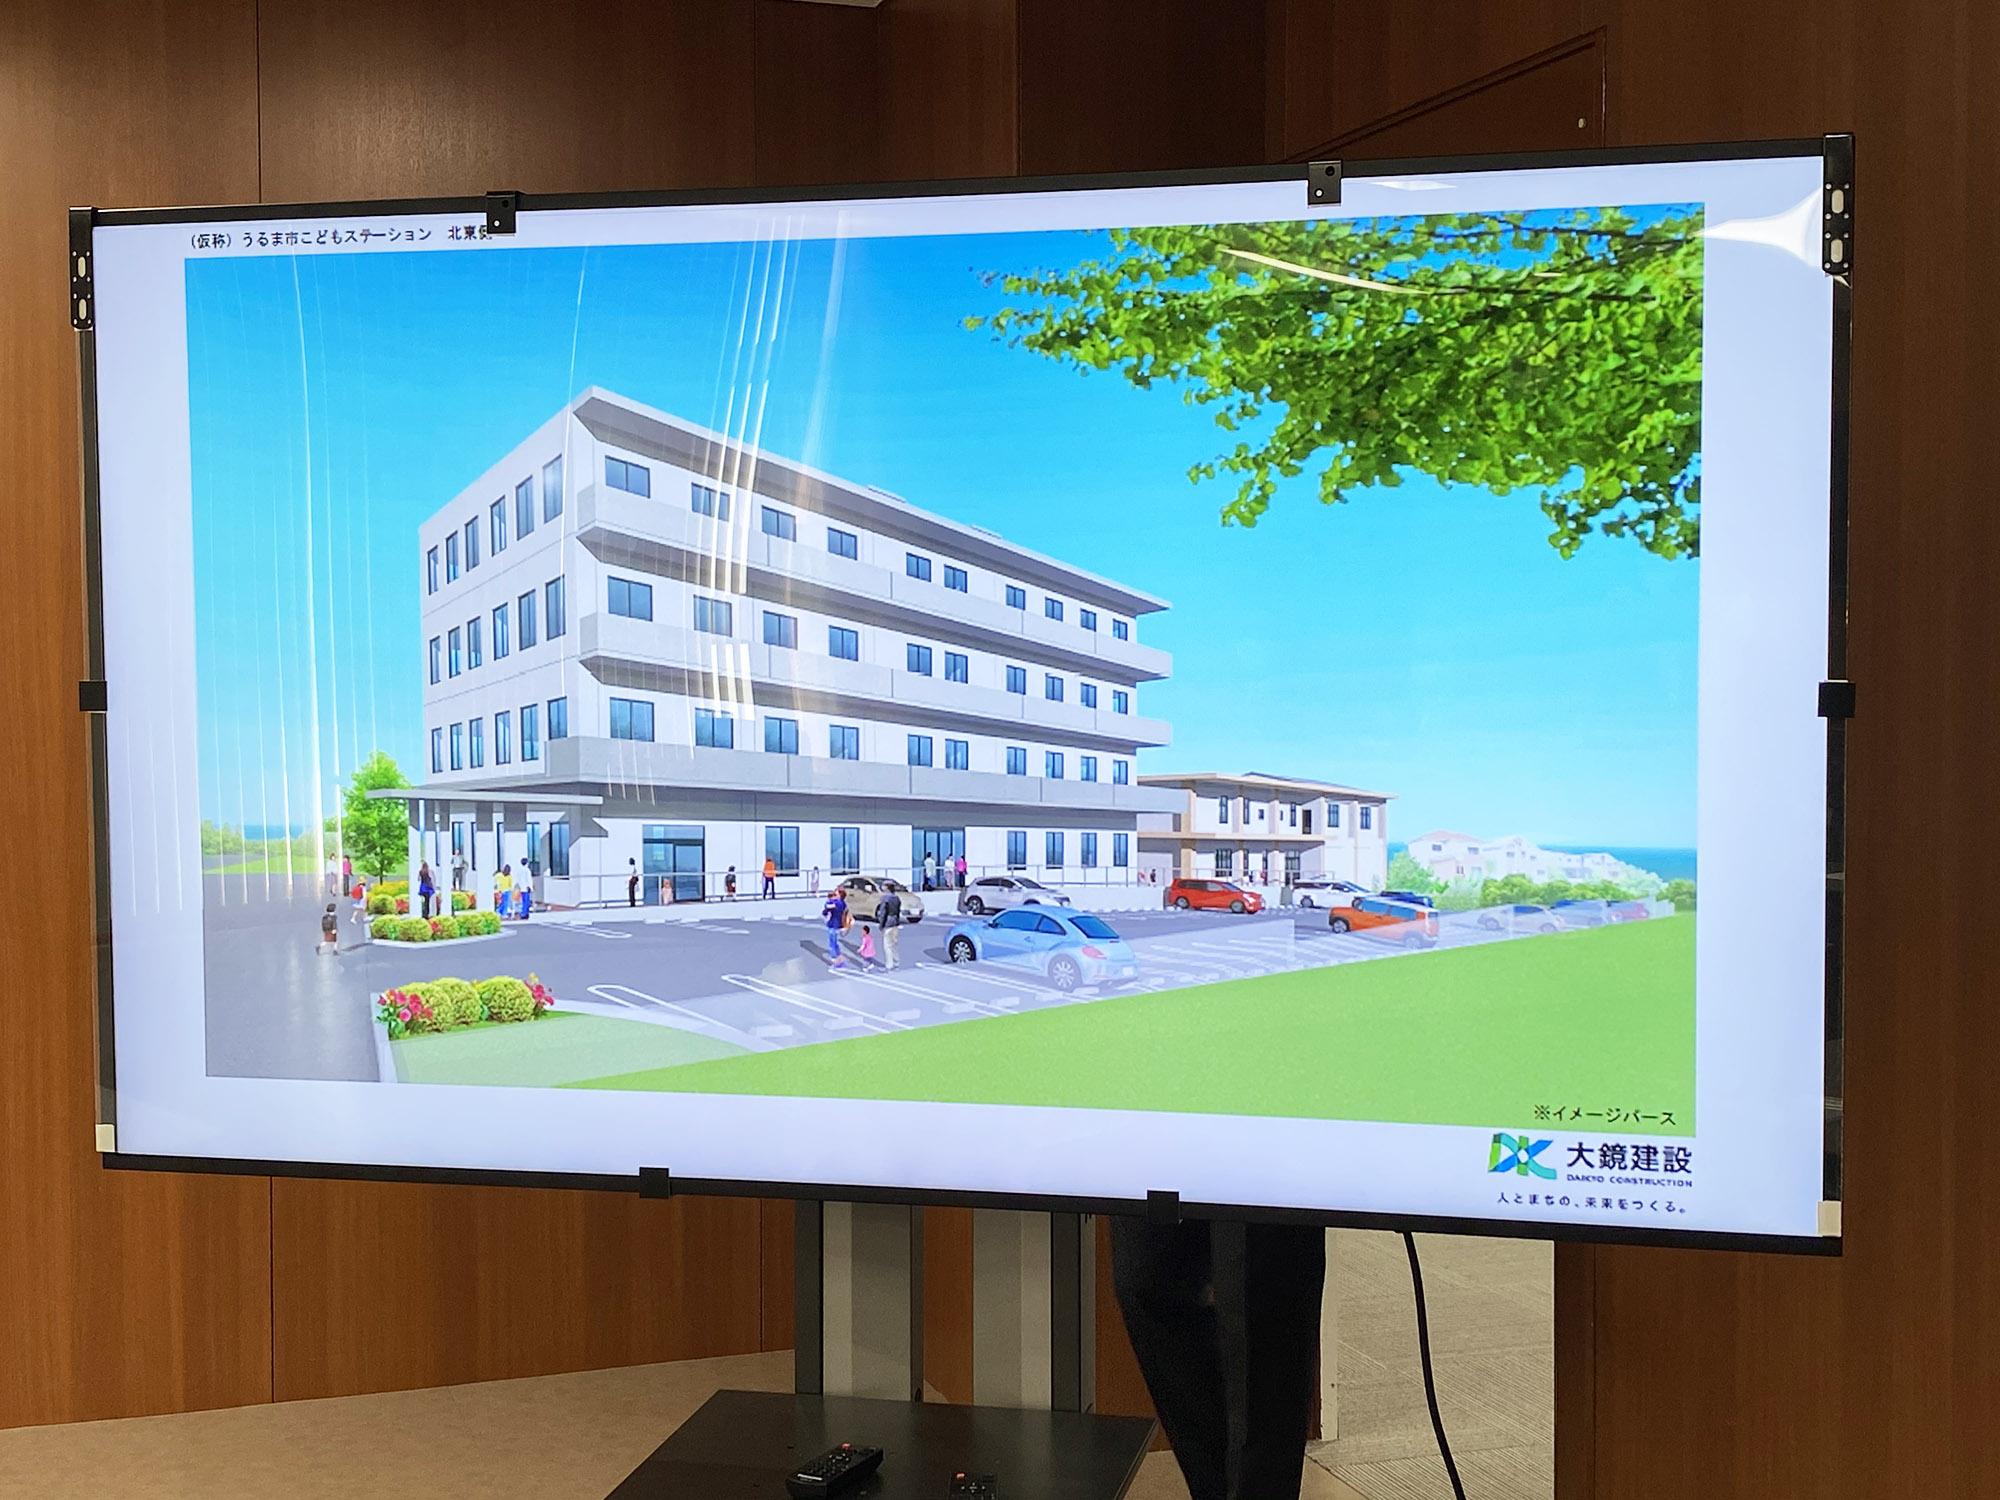 『うるま市こどもステーション(仮称)』の 施設整備・運営事業 基本協定書 締結式